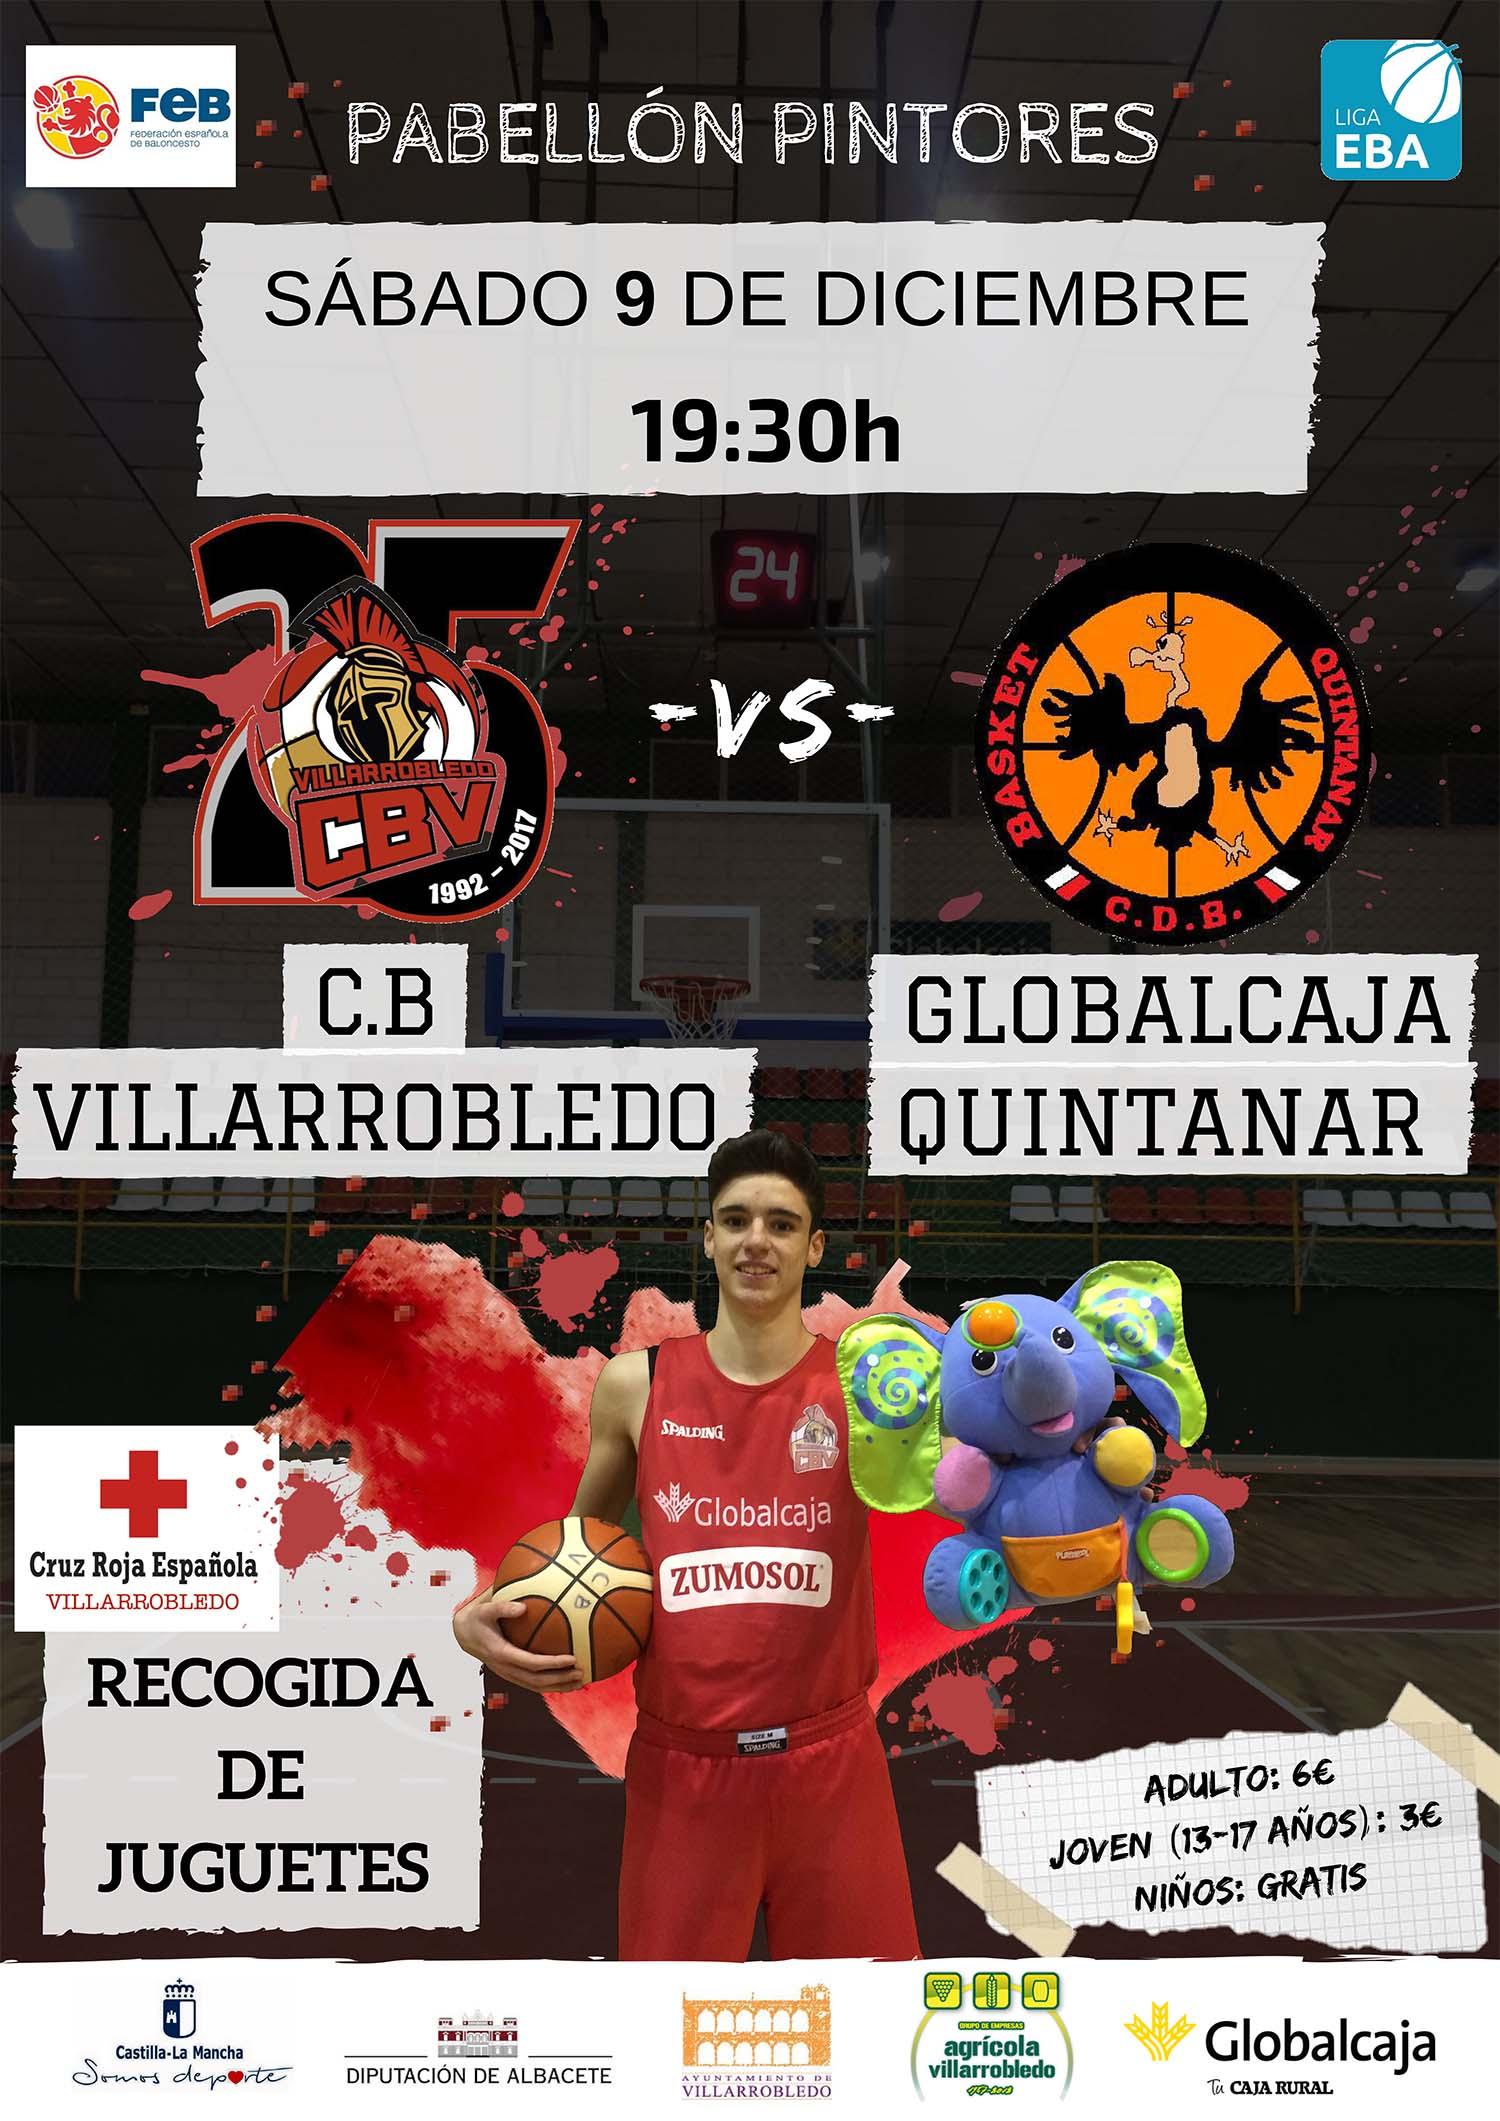 Cartel CB Villarrobledo - Globalcaja Quintanar